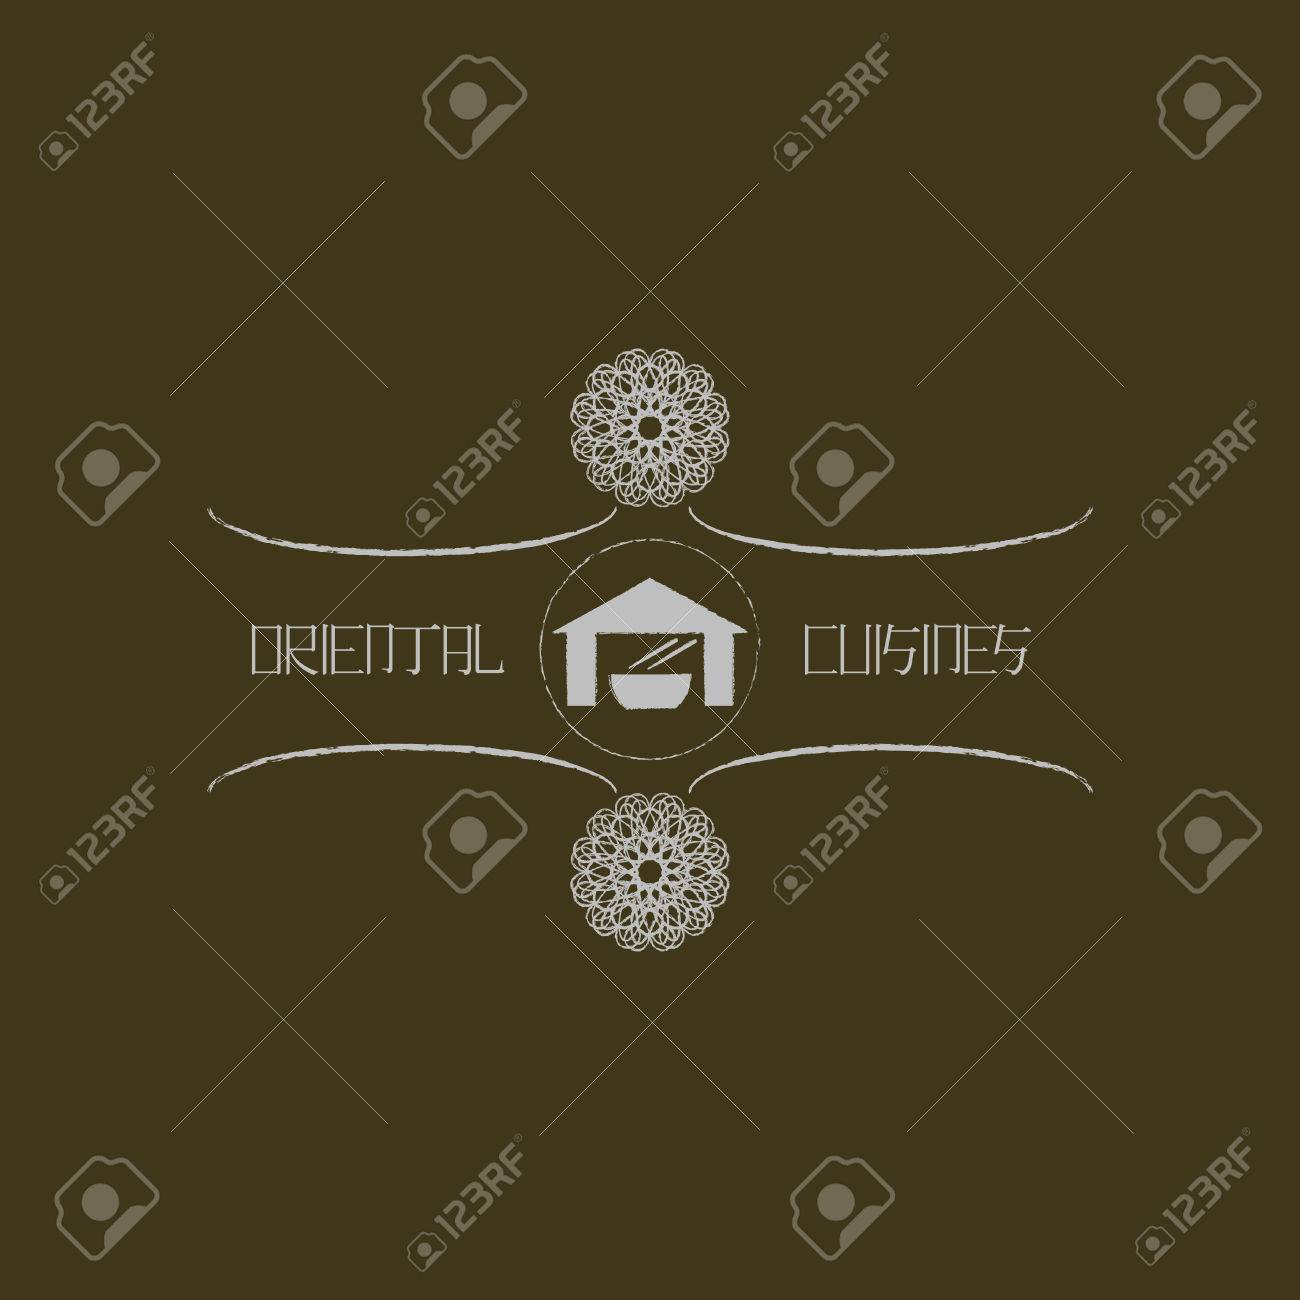 Plantilla De Logotipo Para La Cocina Oriental Negocio. Logotipo De ...